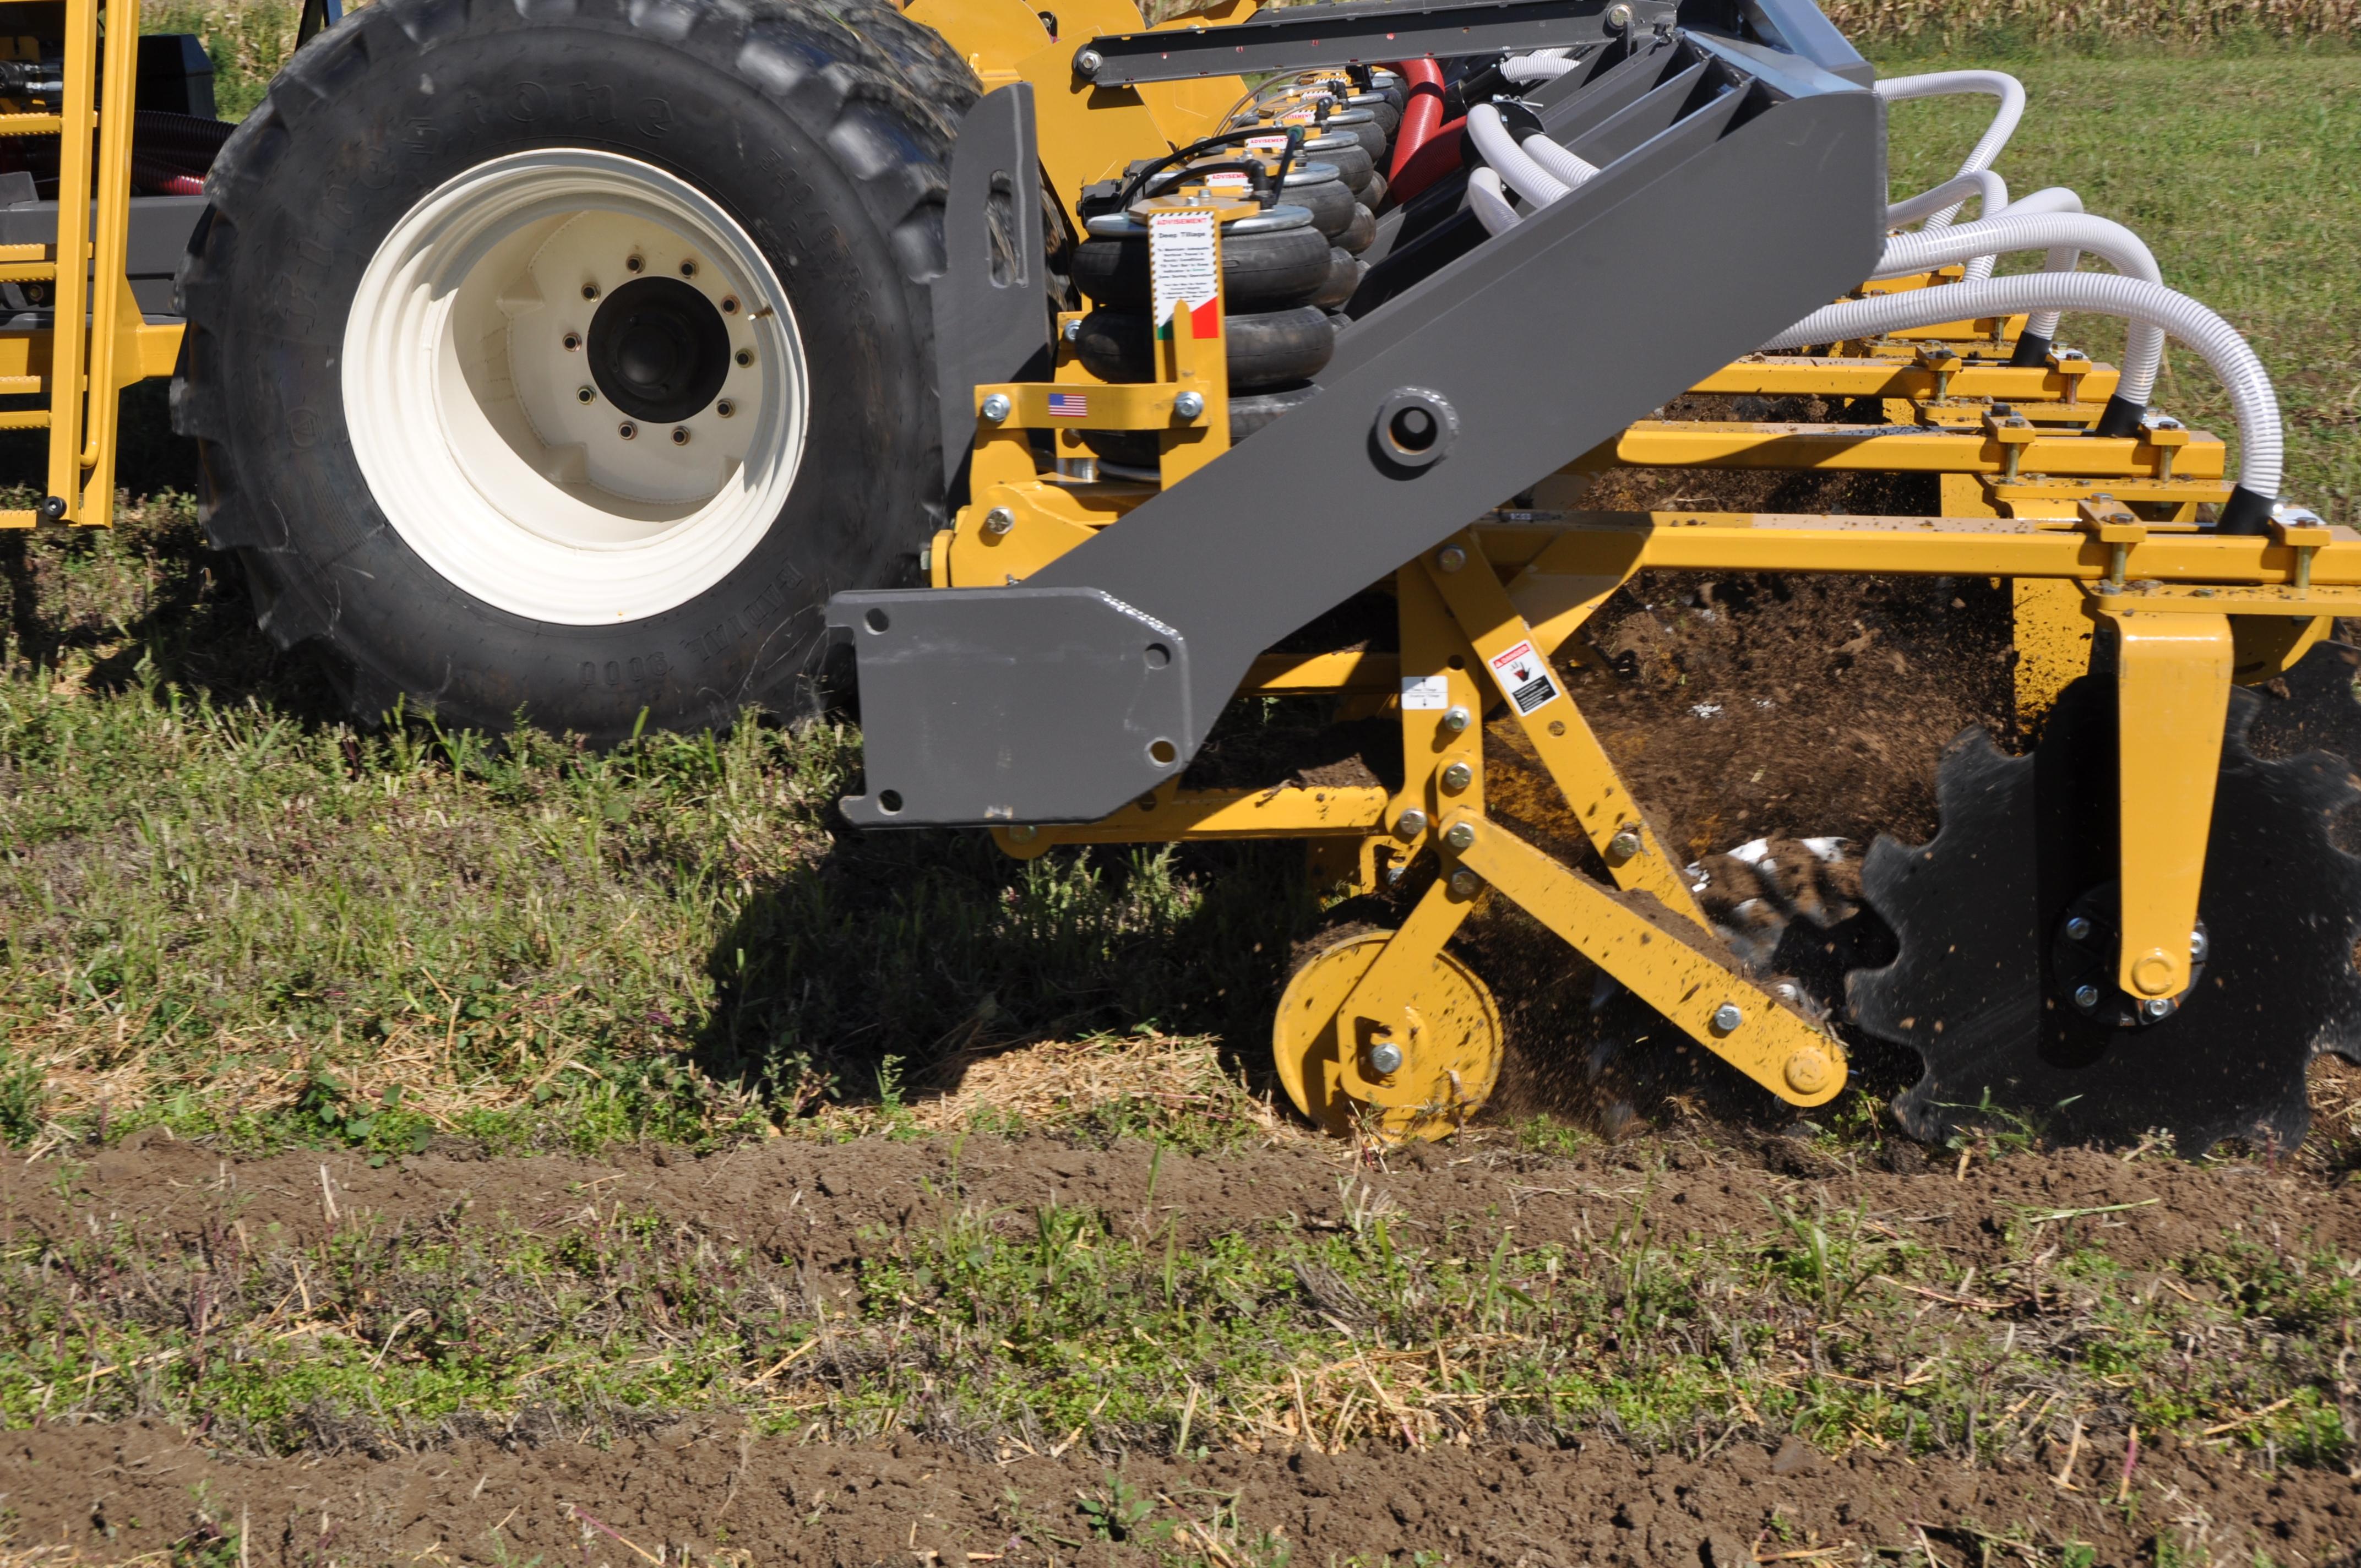 SoilWarrior X hard at work